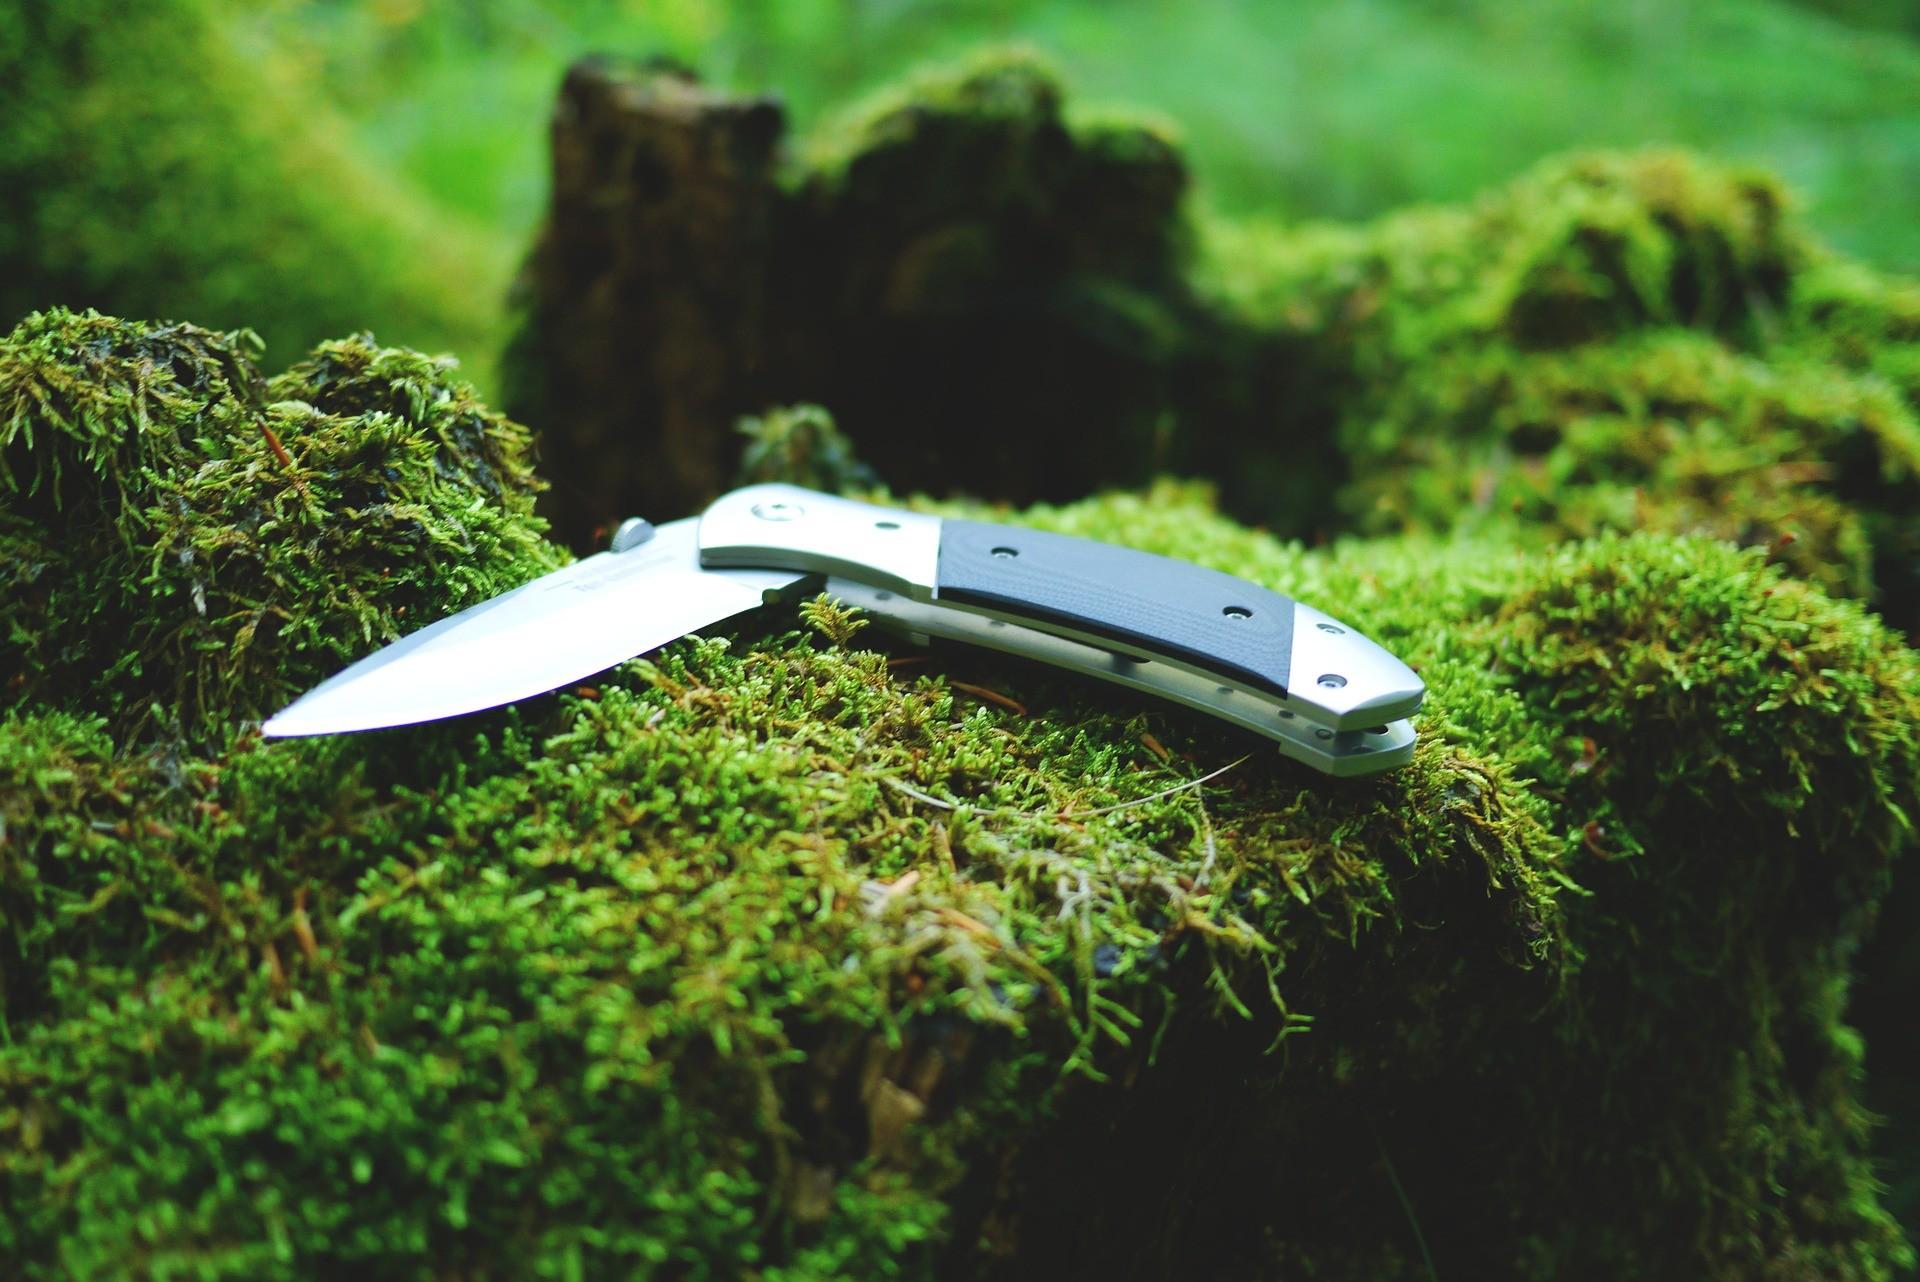 Jagdmesser täglicher Gebrauch